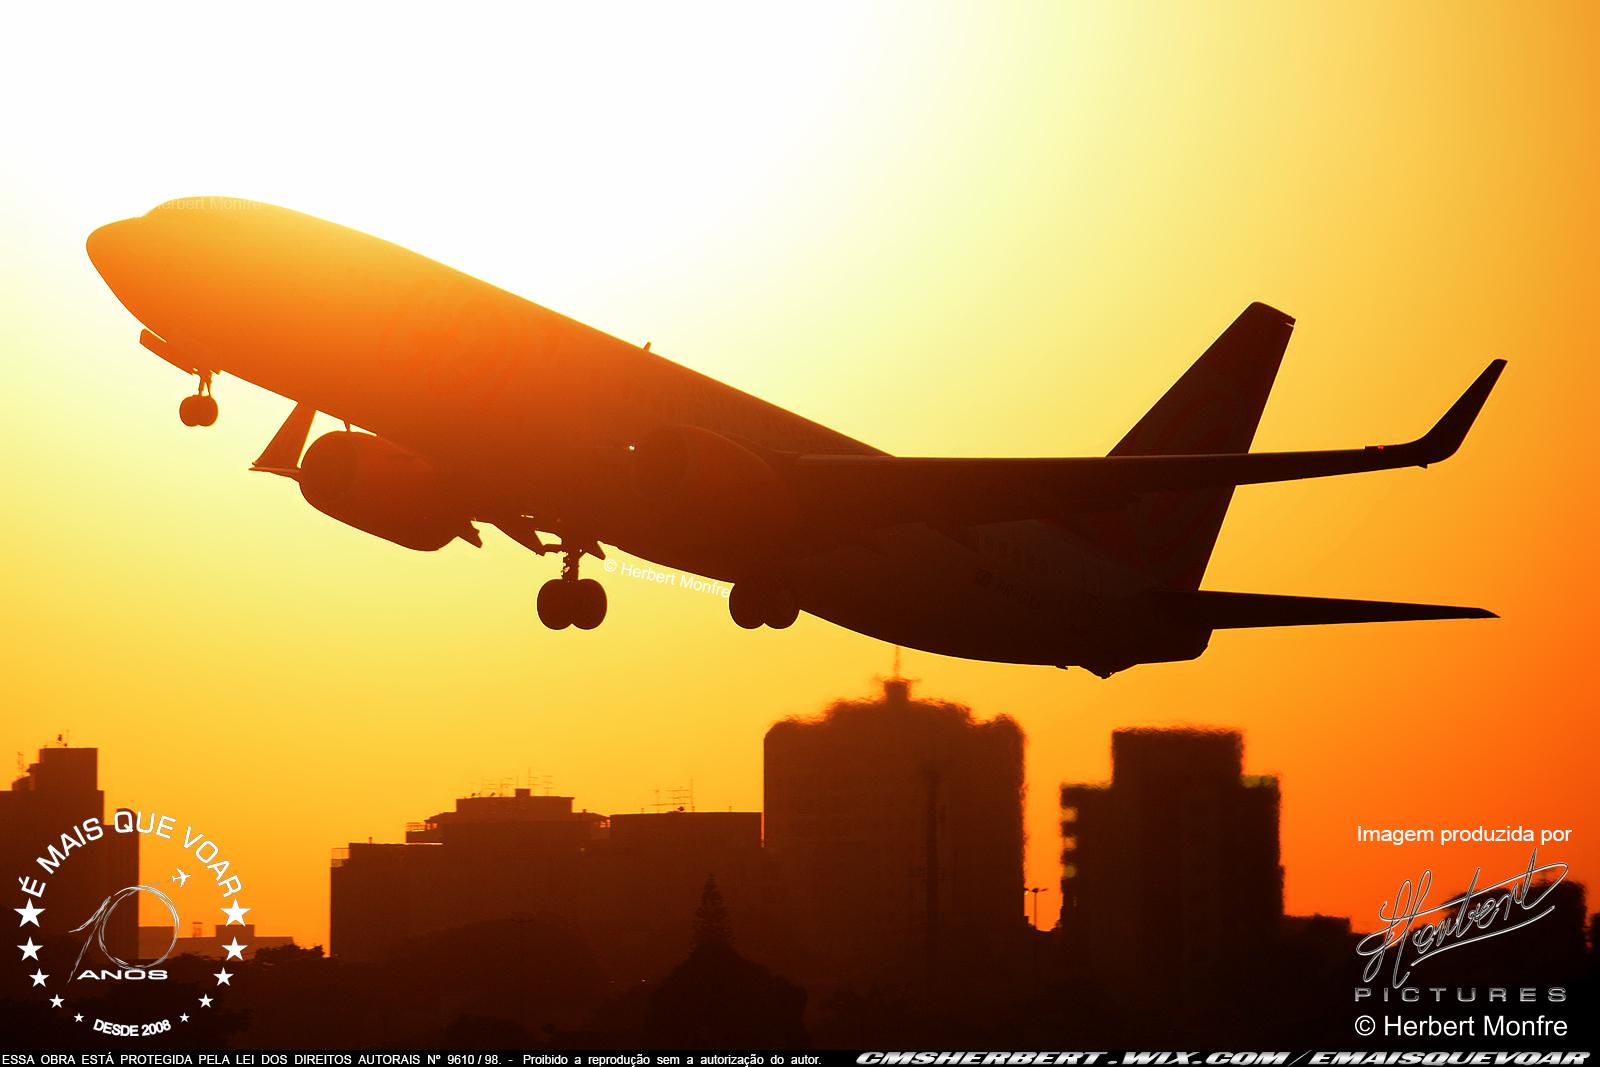 Passagens Aéreas baratas – Mitos, Verdades e Mega Dicas   Foto © Herbert Monfre - É MAIS QUE VOAR